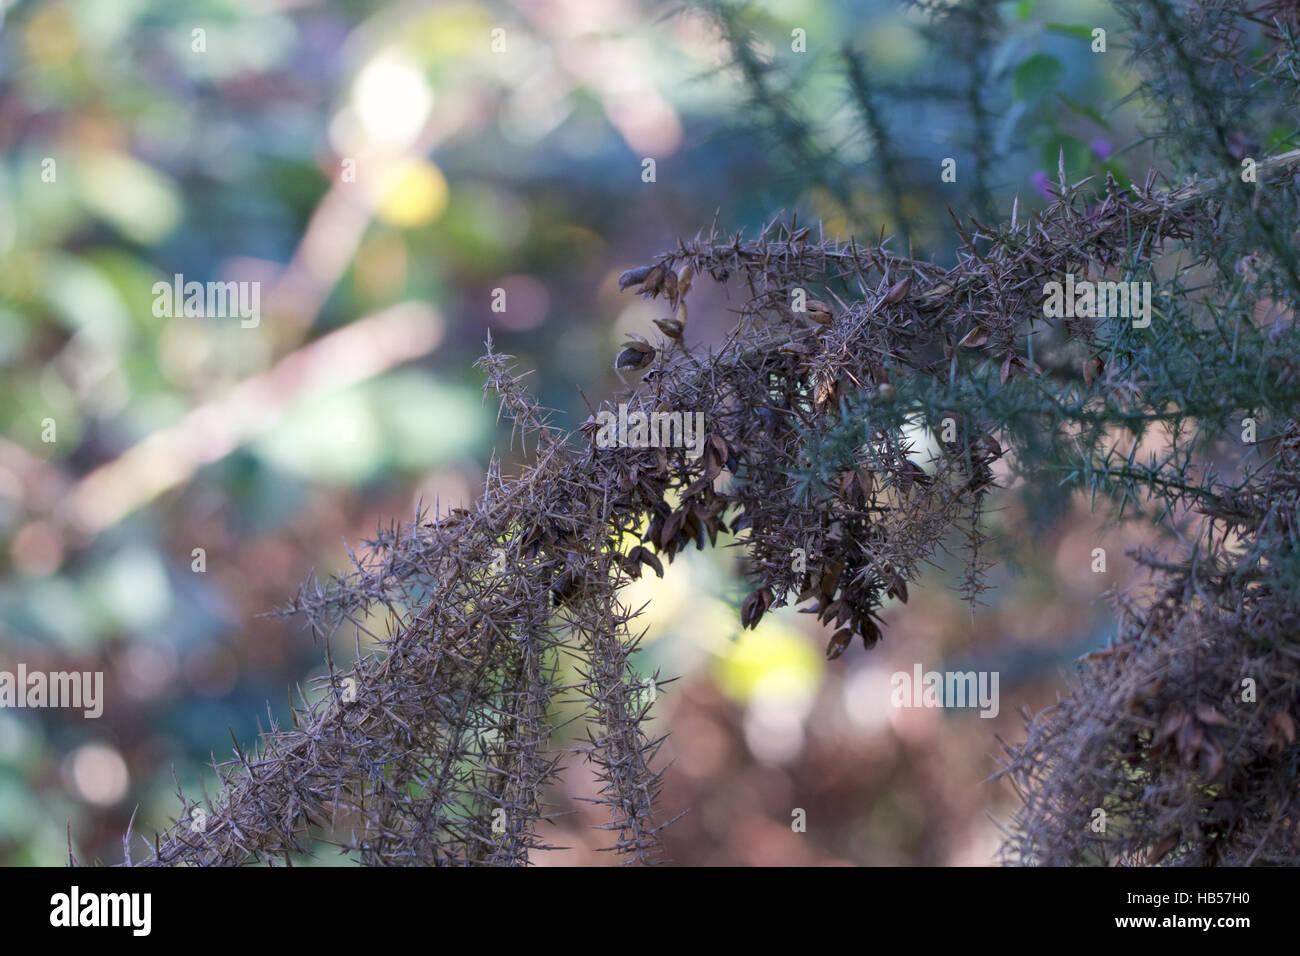 Gut dotierten Dorn, mit vielen Stacheln, stehend Trocknen von live grüne unscharfen Hintergrund Stockbild